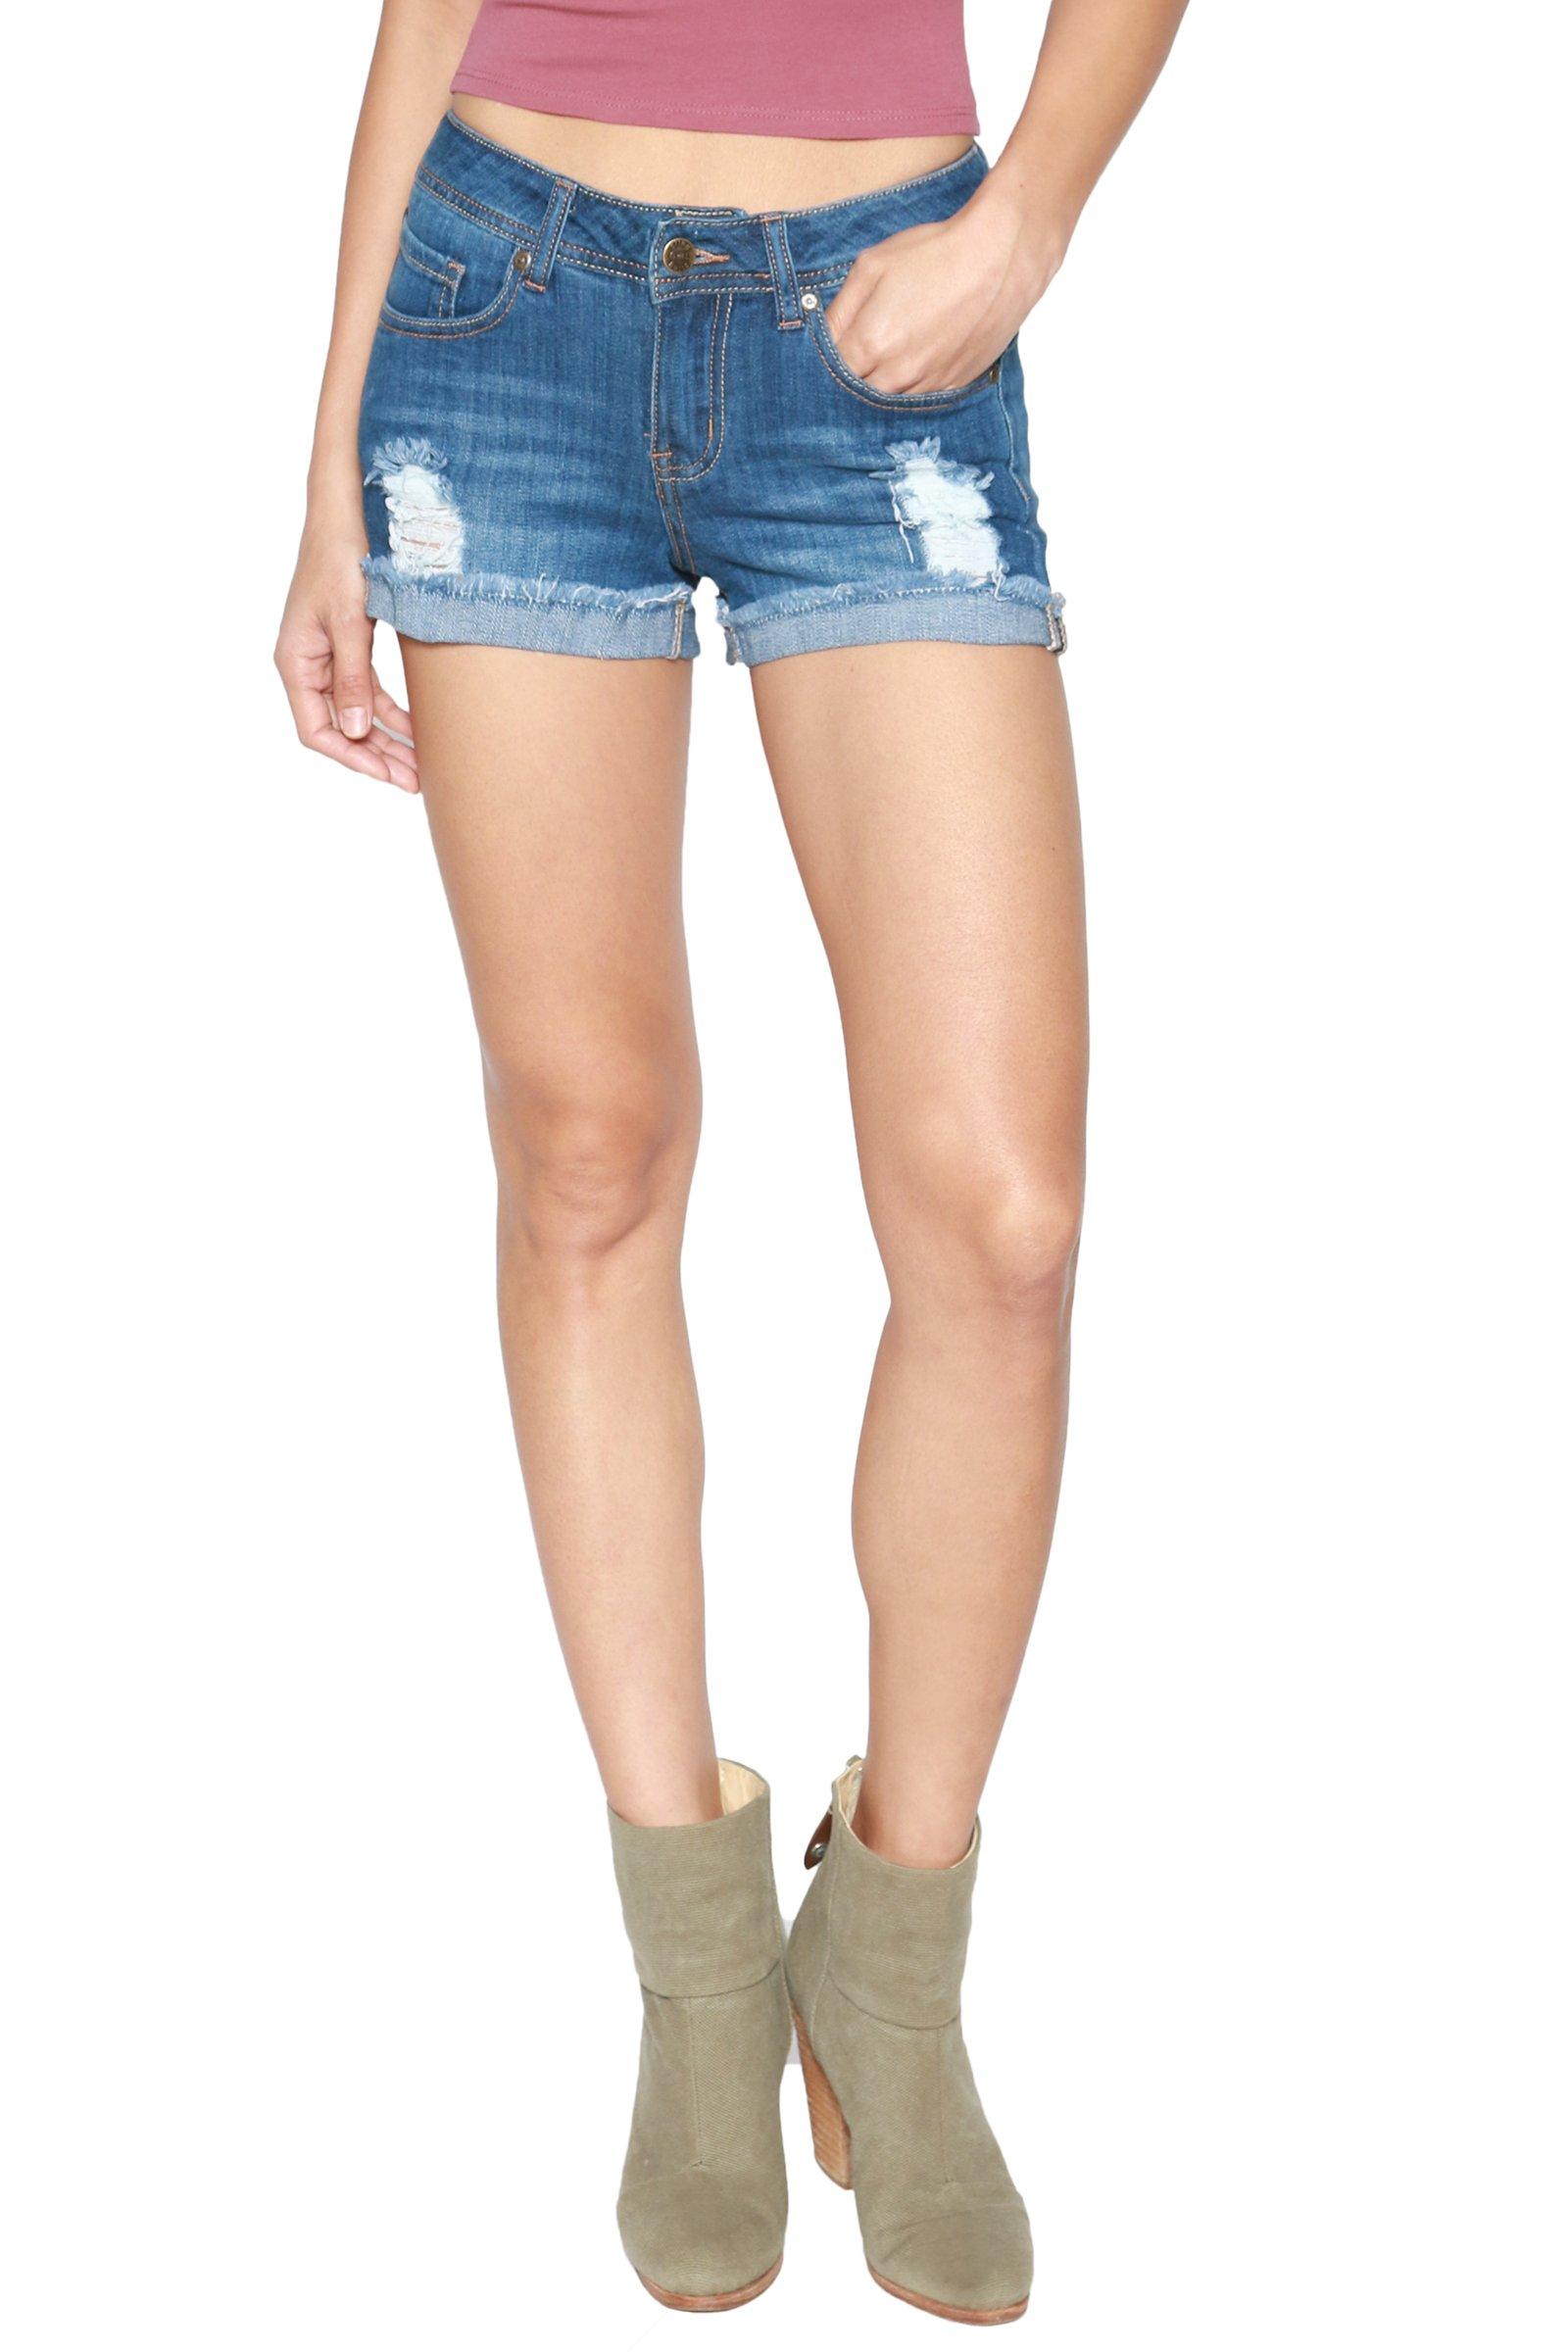 TheMogan Women's Vintage Destroyed Jean Cuffed Cutoff Denim Shorts Medium 2XL by TheMogan